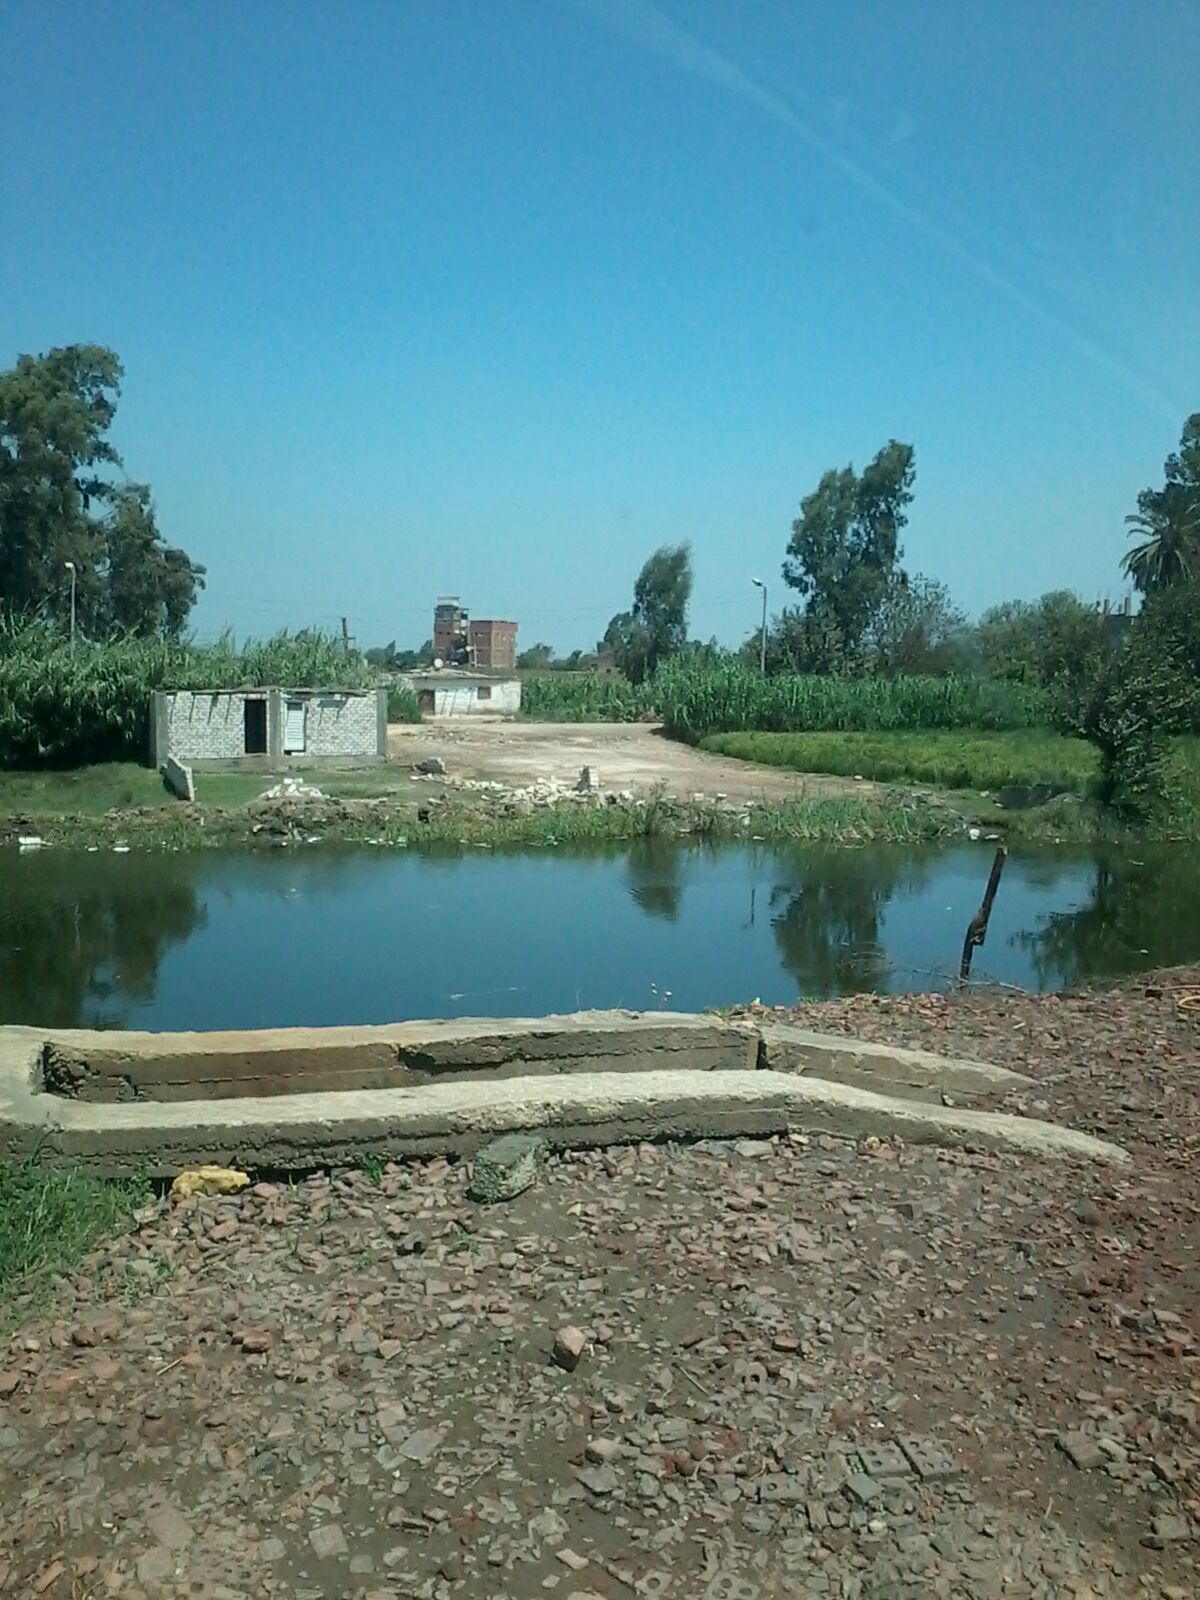 تعديات على القنوات المائية والأراضي الزراعية في «ميت ميمون» بالسنطة